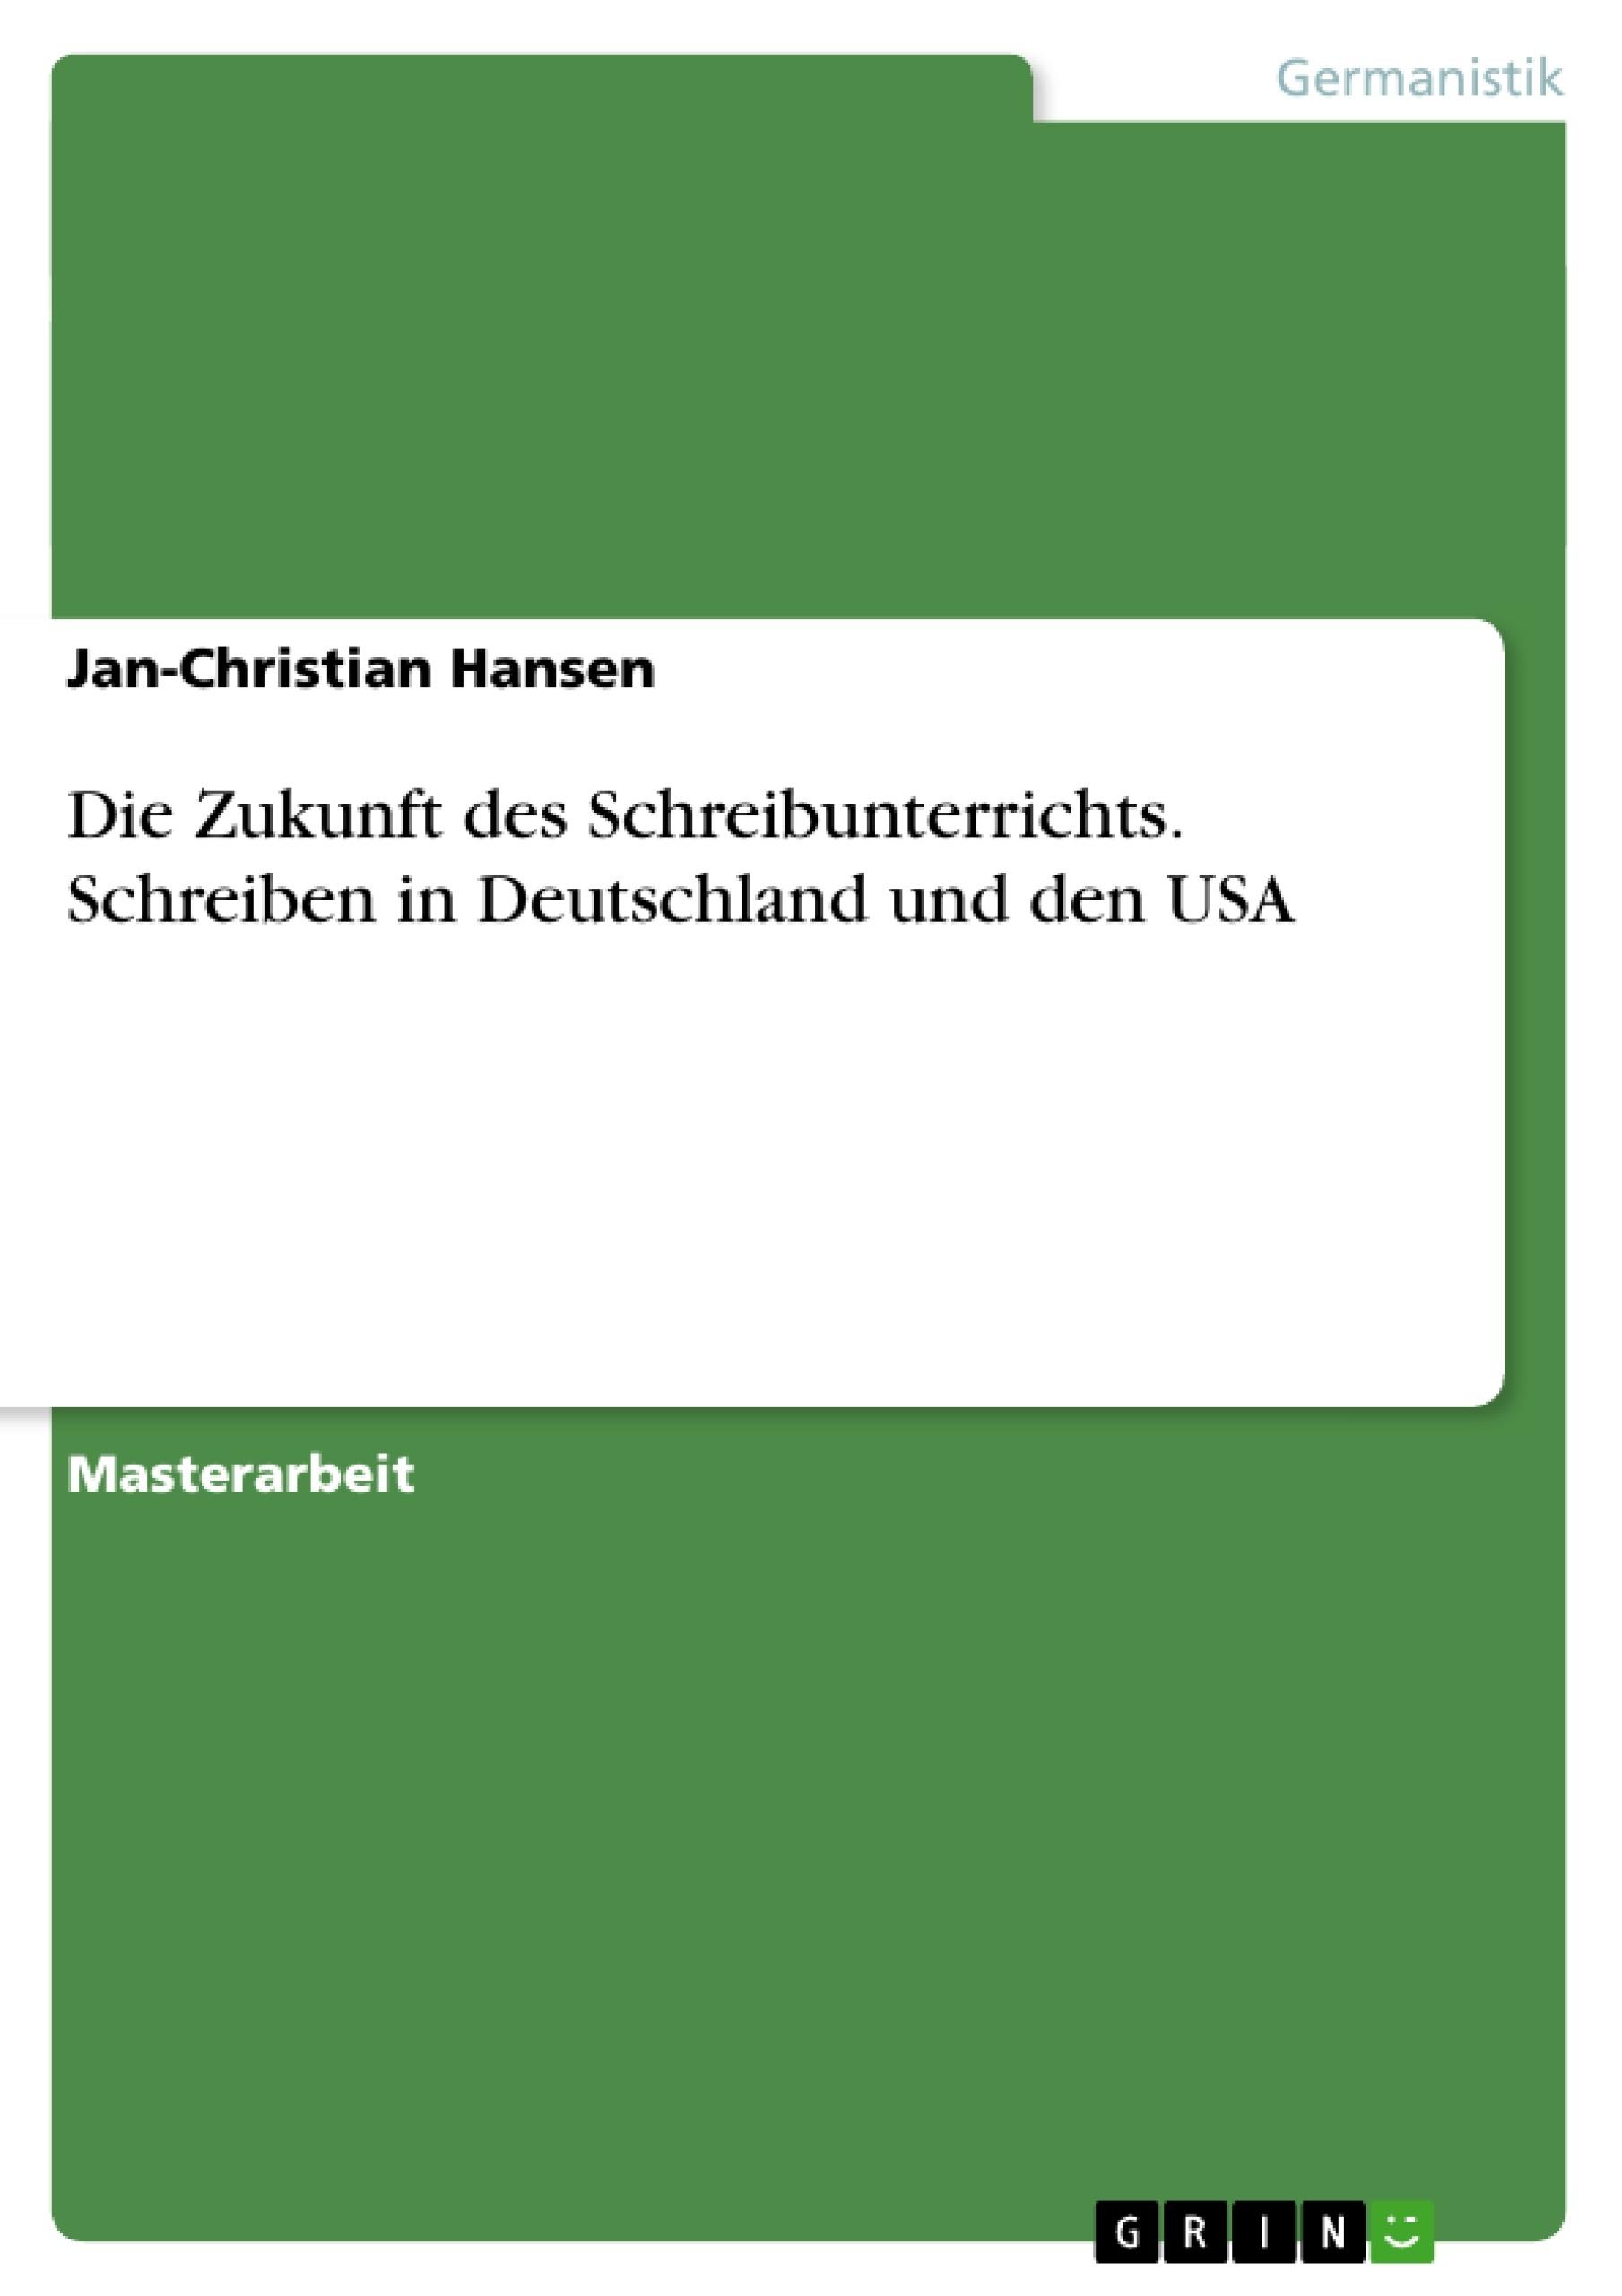 Titel: Die Zukunft des Schreibunterrichts. Schreiben in Deutschland und den USA